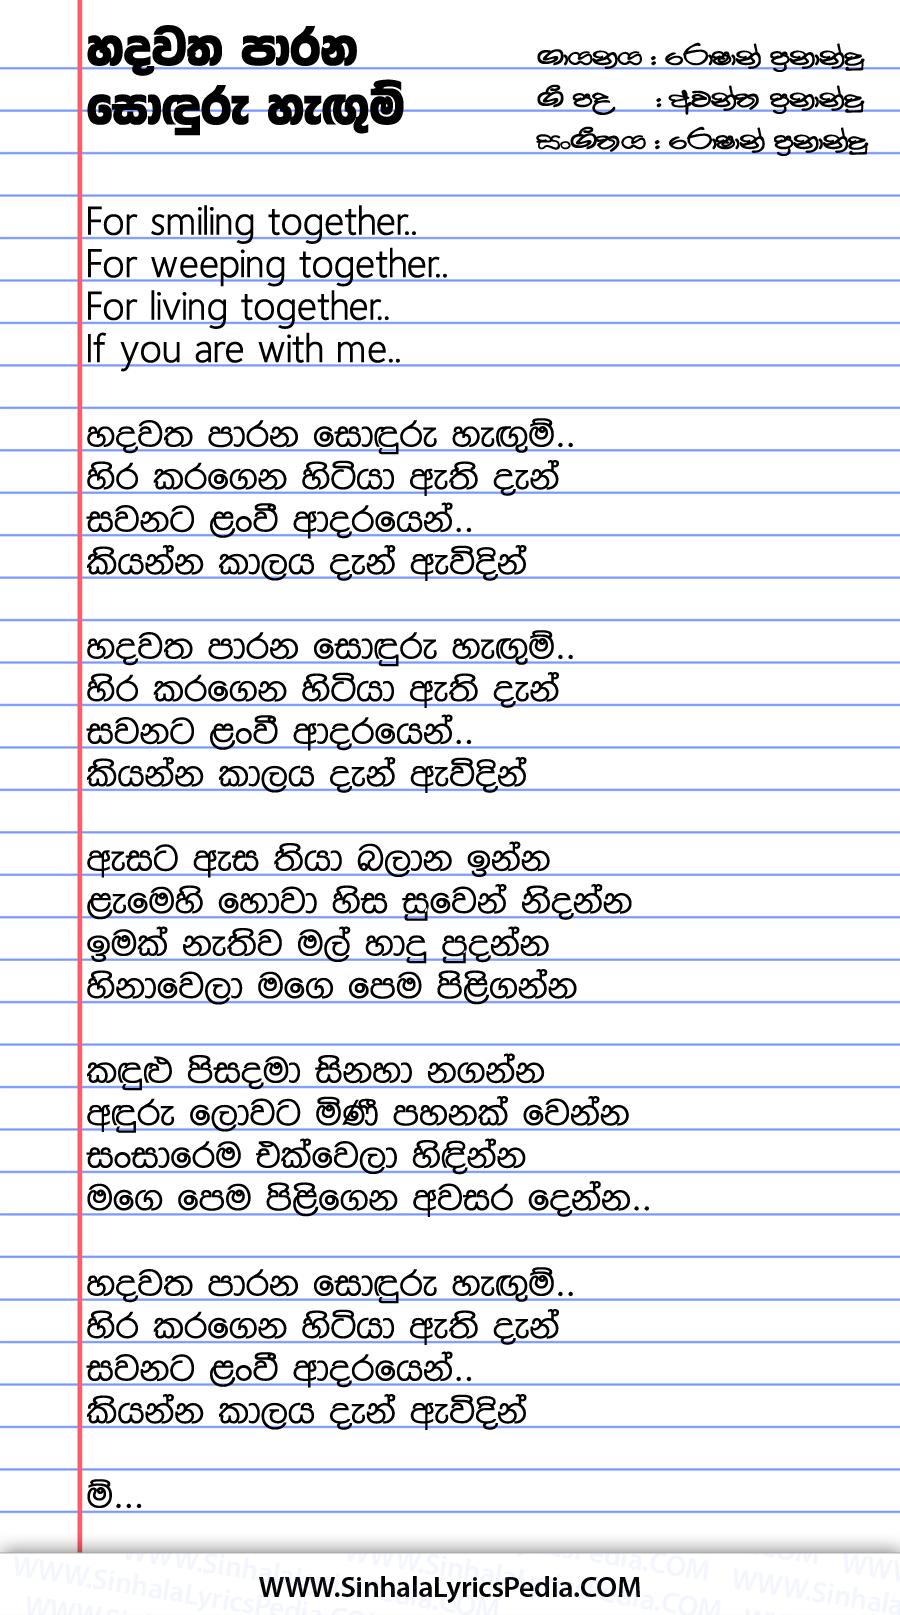 Hadawatha Parana Soduru Hagum Song Lyrics